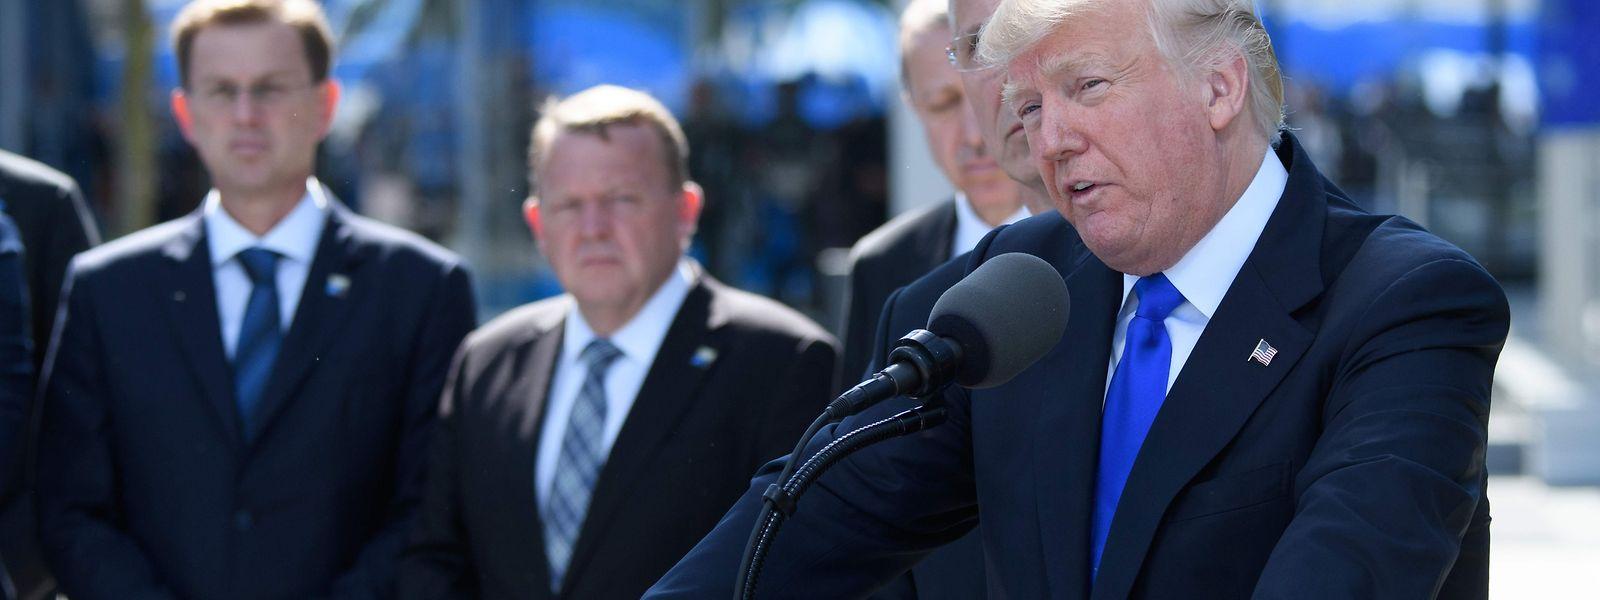 Donald Trump sorgte beim Nato-Gipfel in Brüssel für Aufregung.